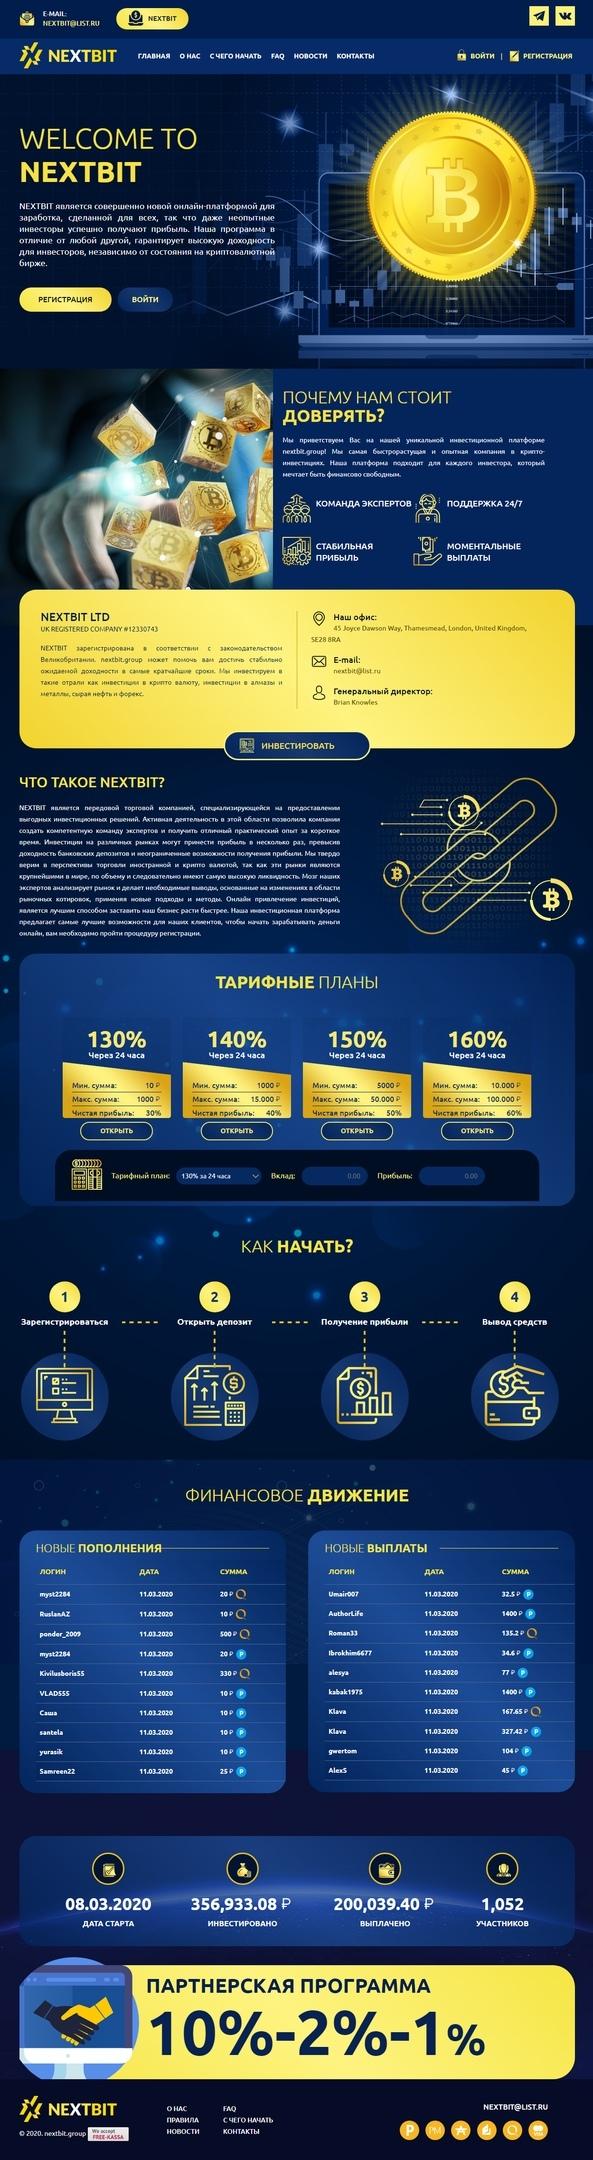 Скрипт инвестиционного проекта NEXBIT